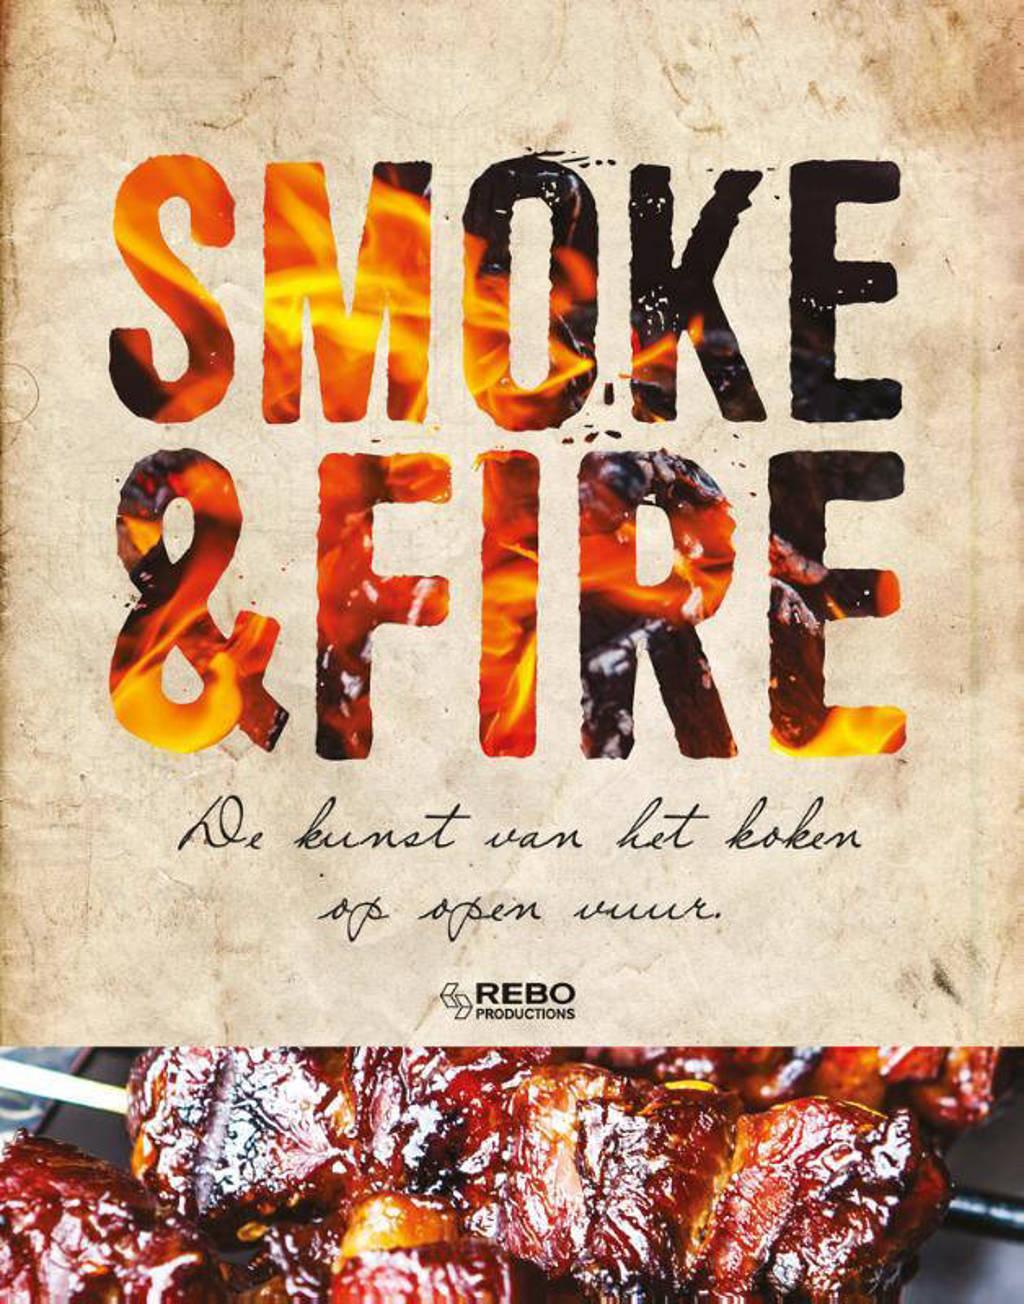 Smoke & fire - Drees Koren